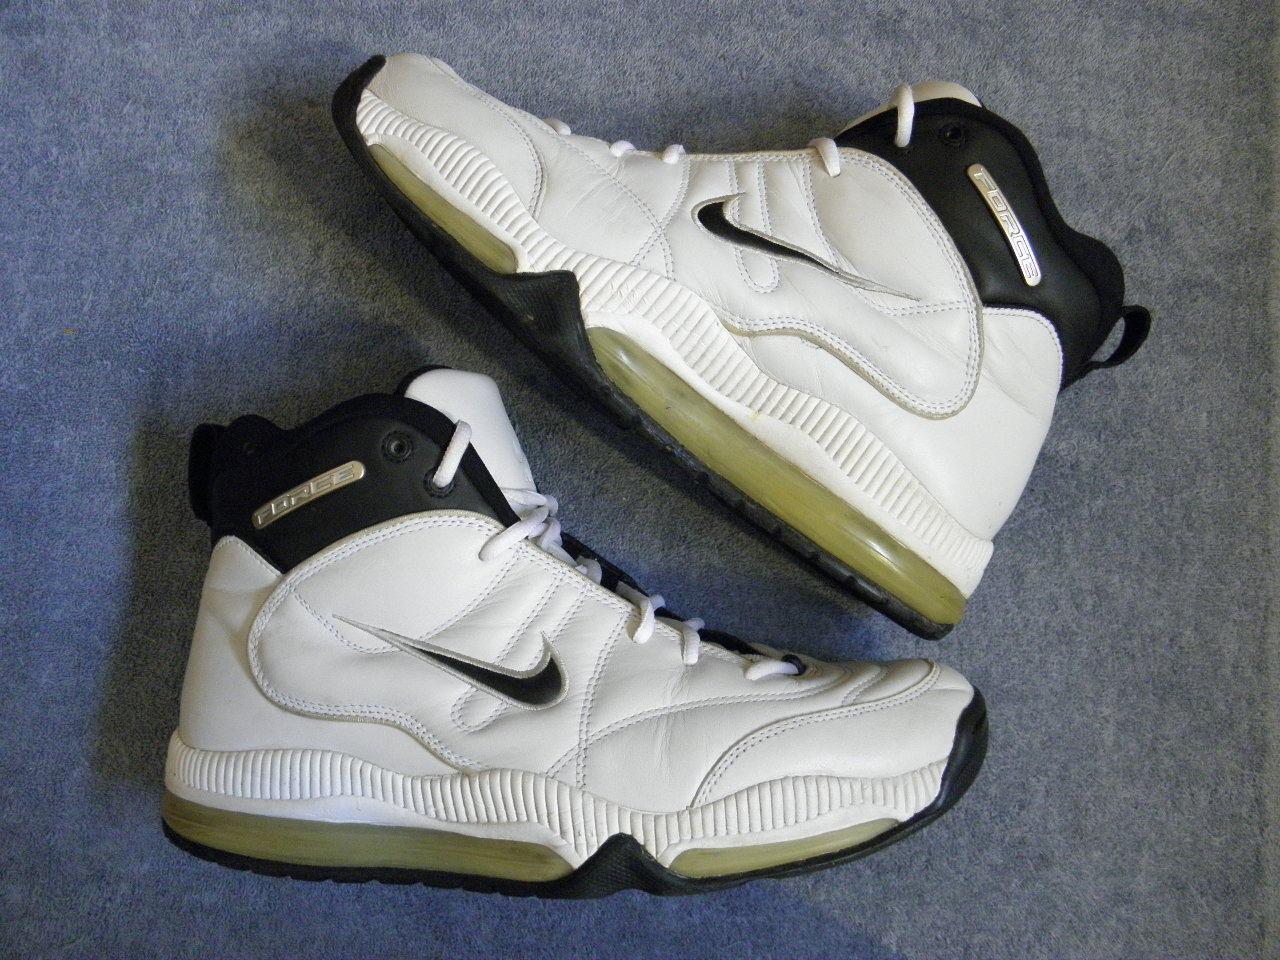 Nike Air total agreden alta la fuerza alta agreden S 12,5 PE Player muestra edición Vintage 90 el último descuento zapatos para hombres y mujeres 59f944